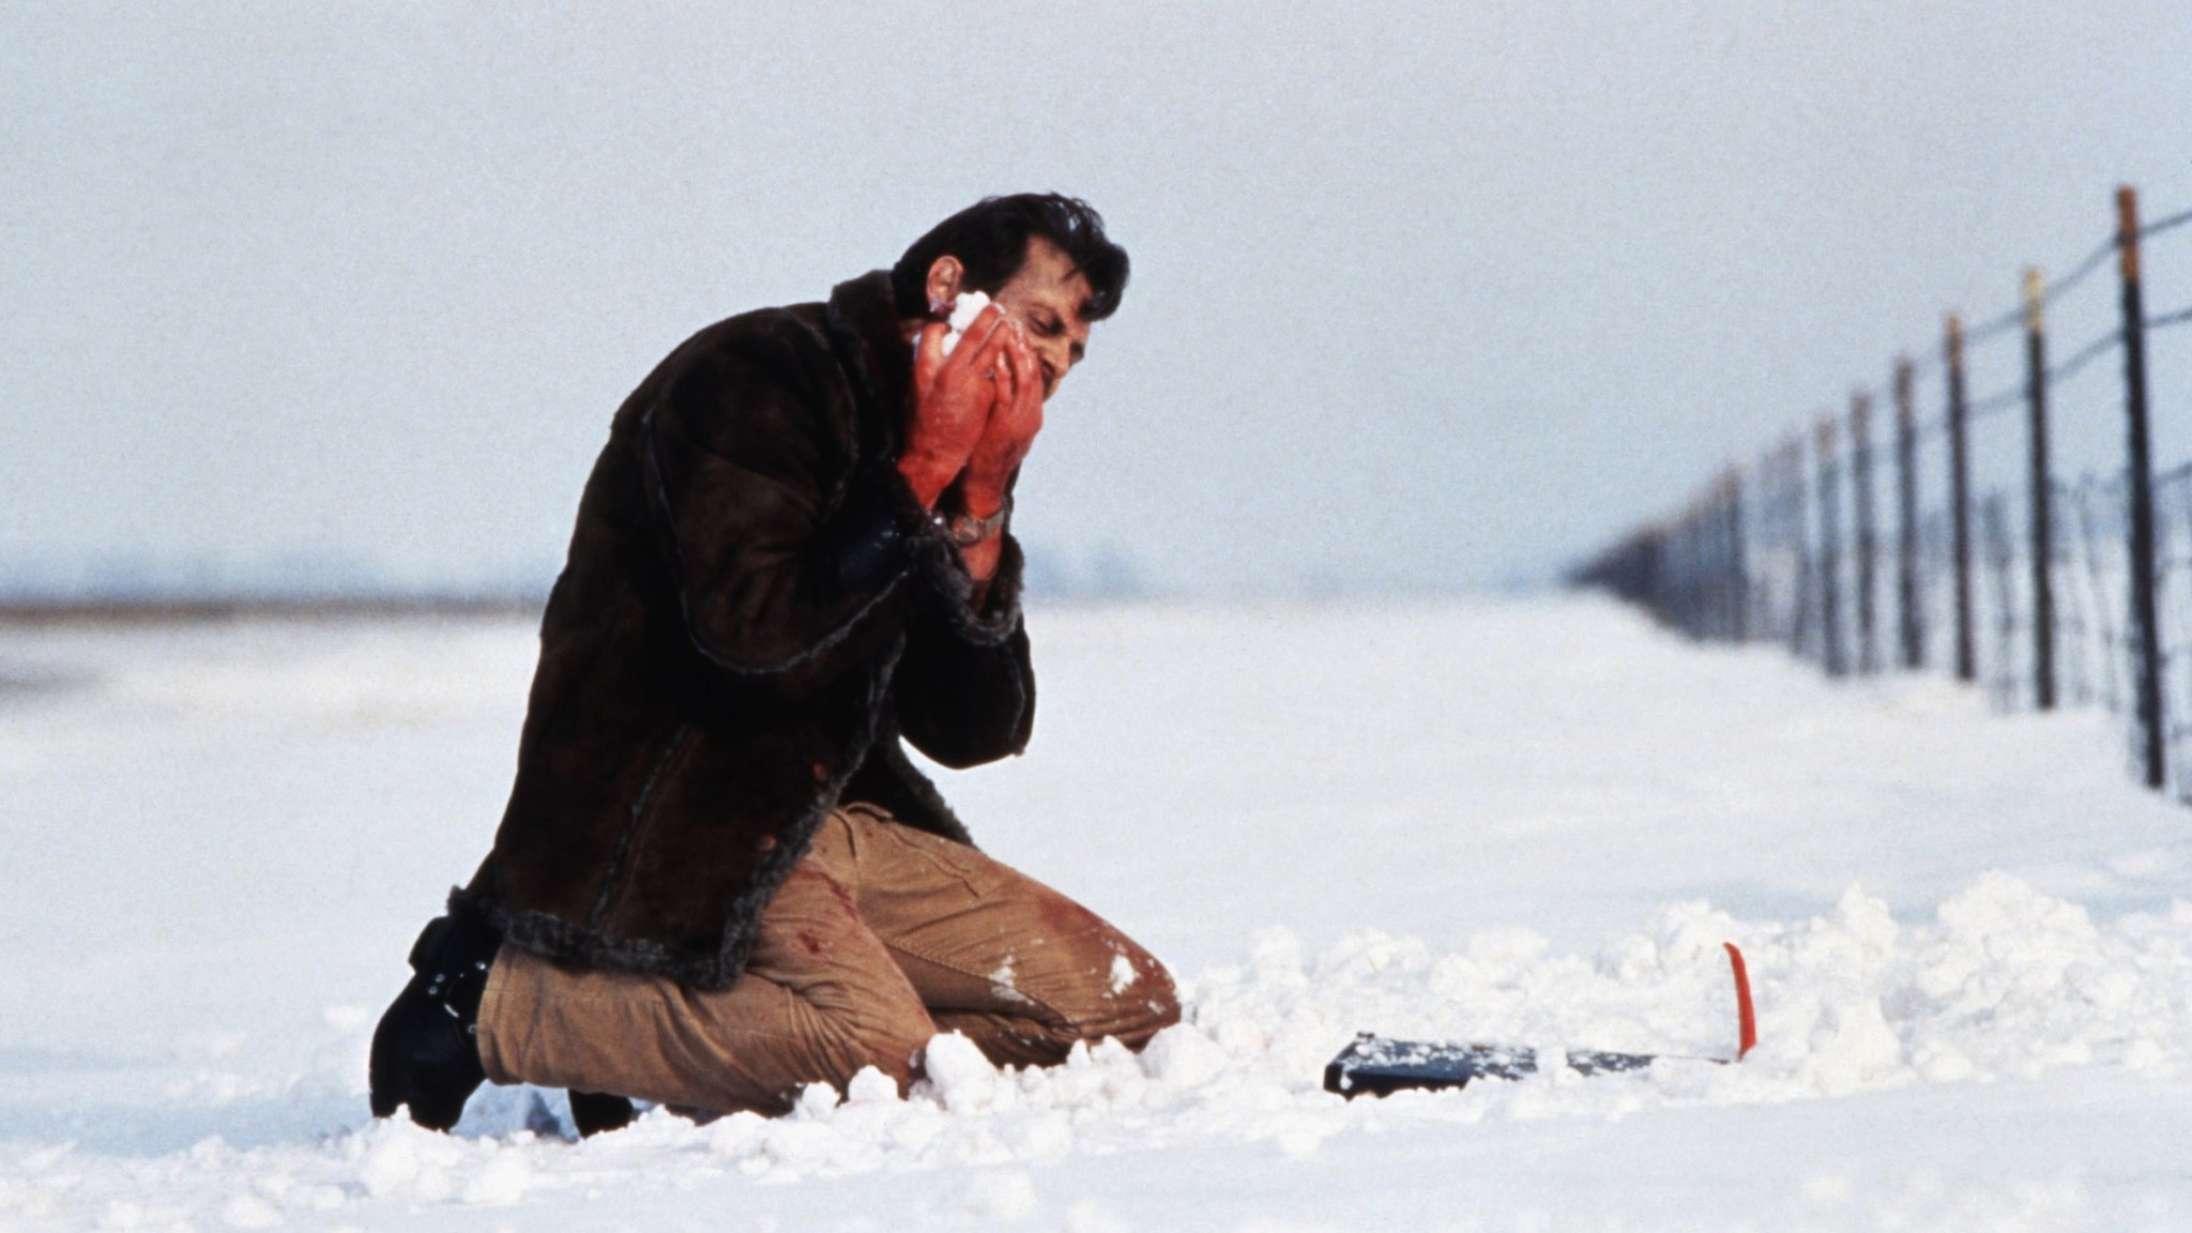 Derfor fortjener Coen-brødrenes 'Fargo' stadig din filmkærlighed